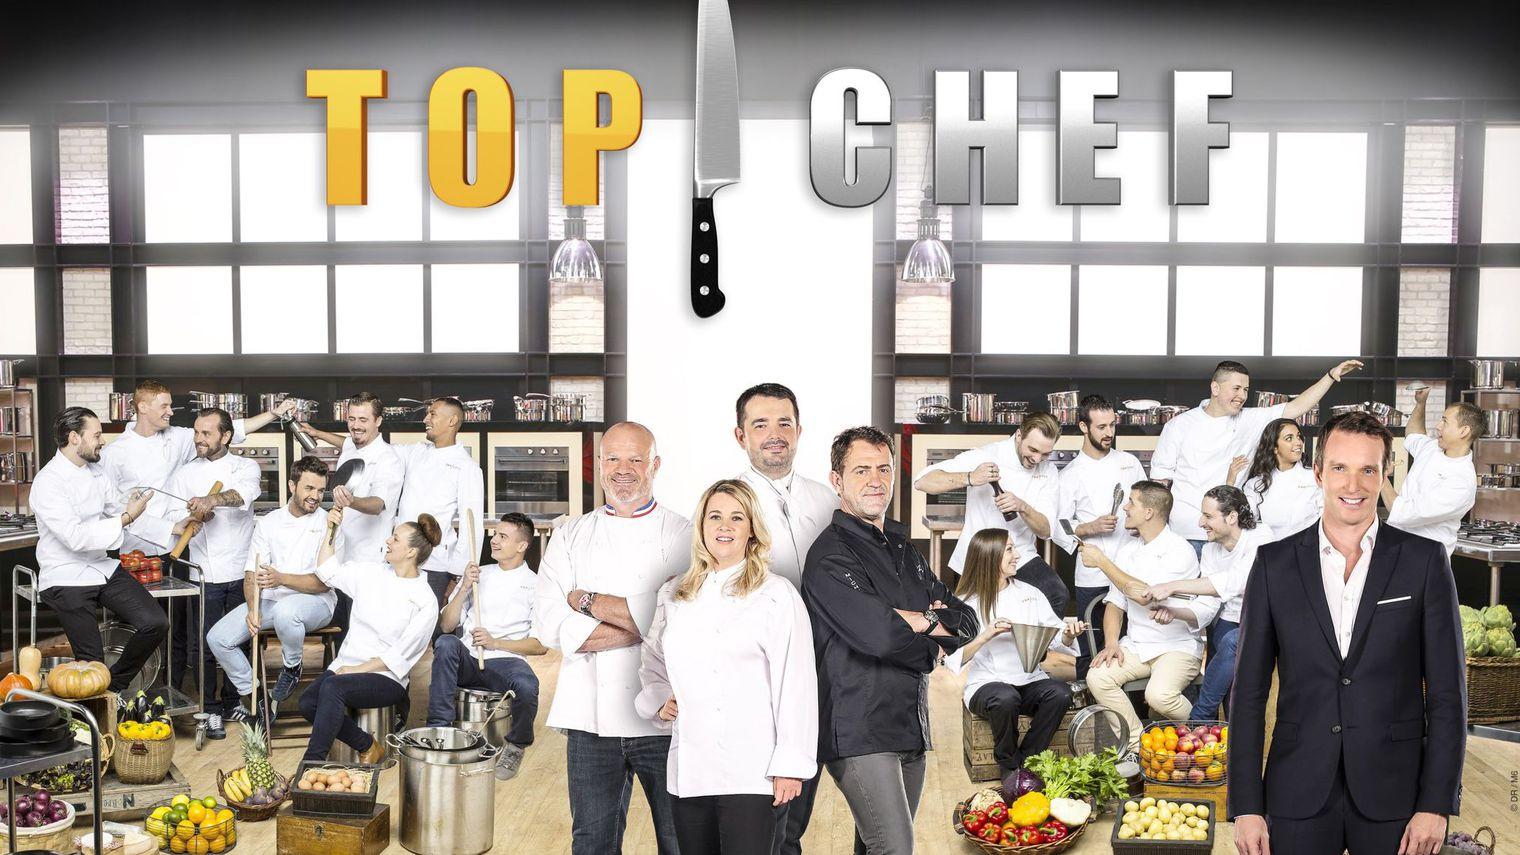 Voir la demi-finale de Top Chef ce 11 avril sur M6